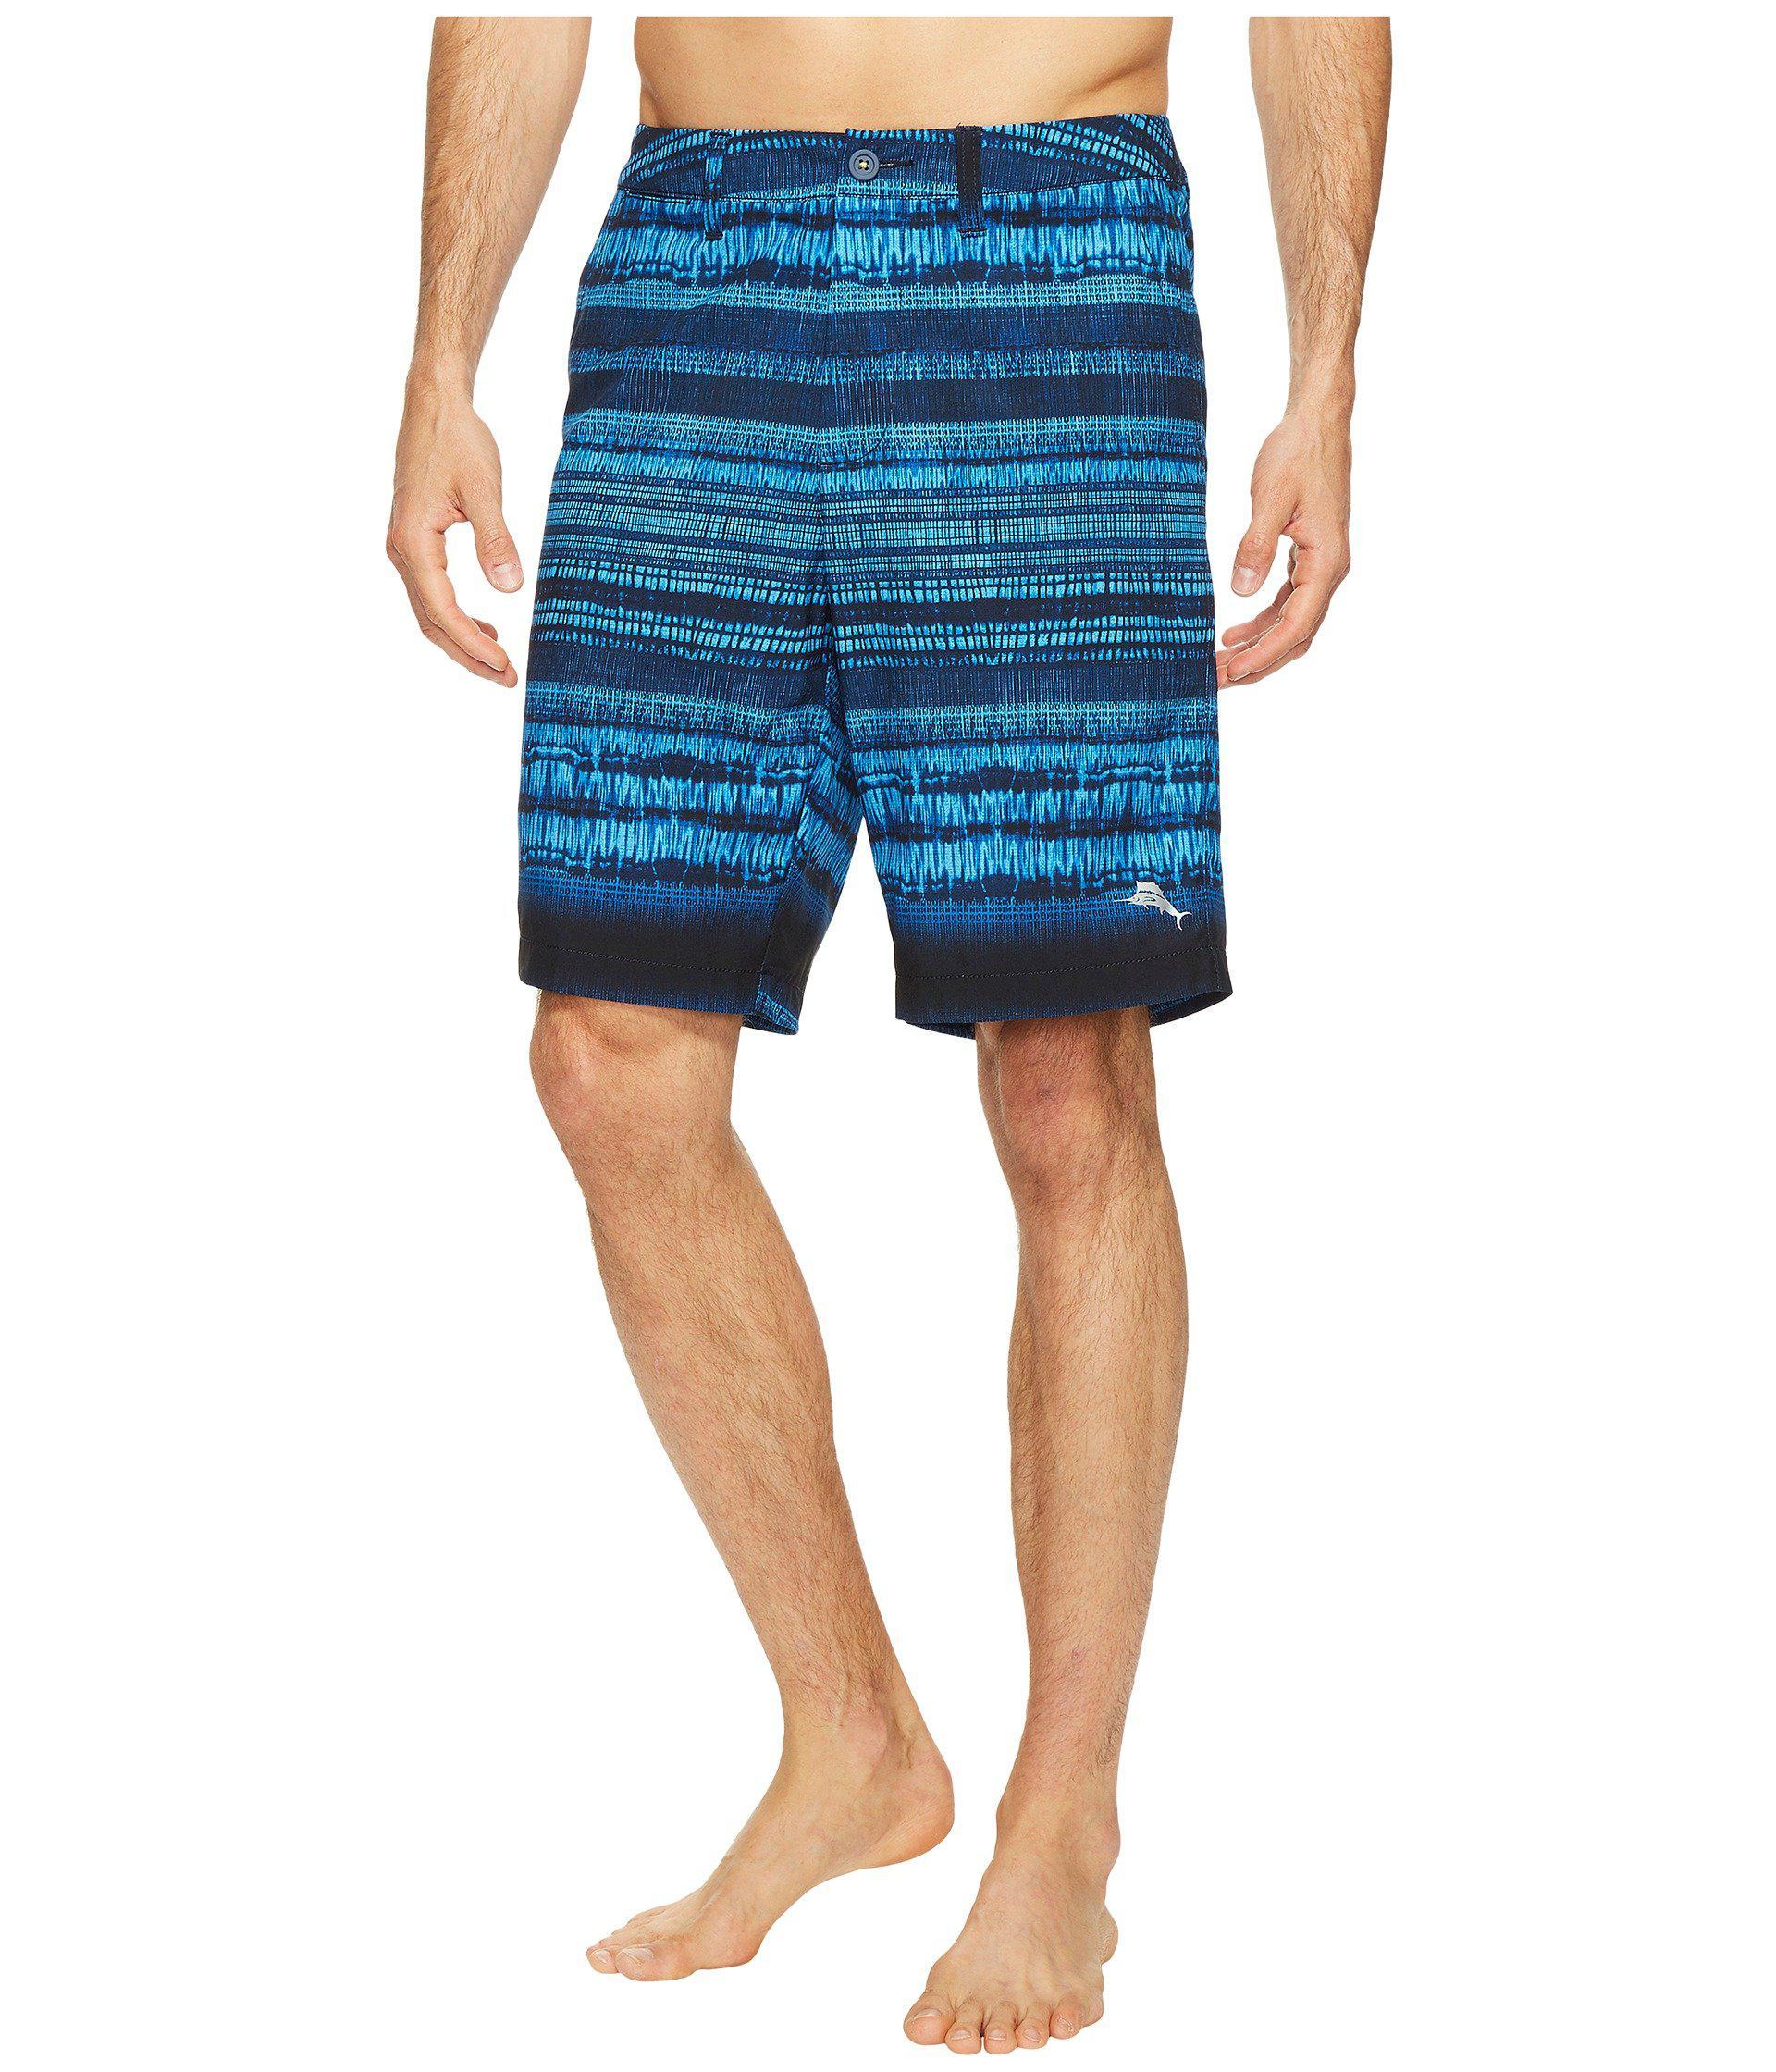 cb27483ffa Lyst - Tommy Bahama Cayman Tripoli Tie-dye Swim Trunk in Blue for ...